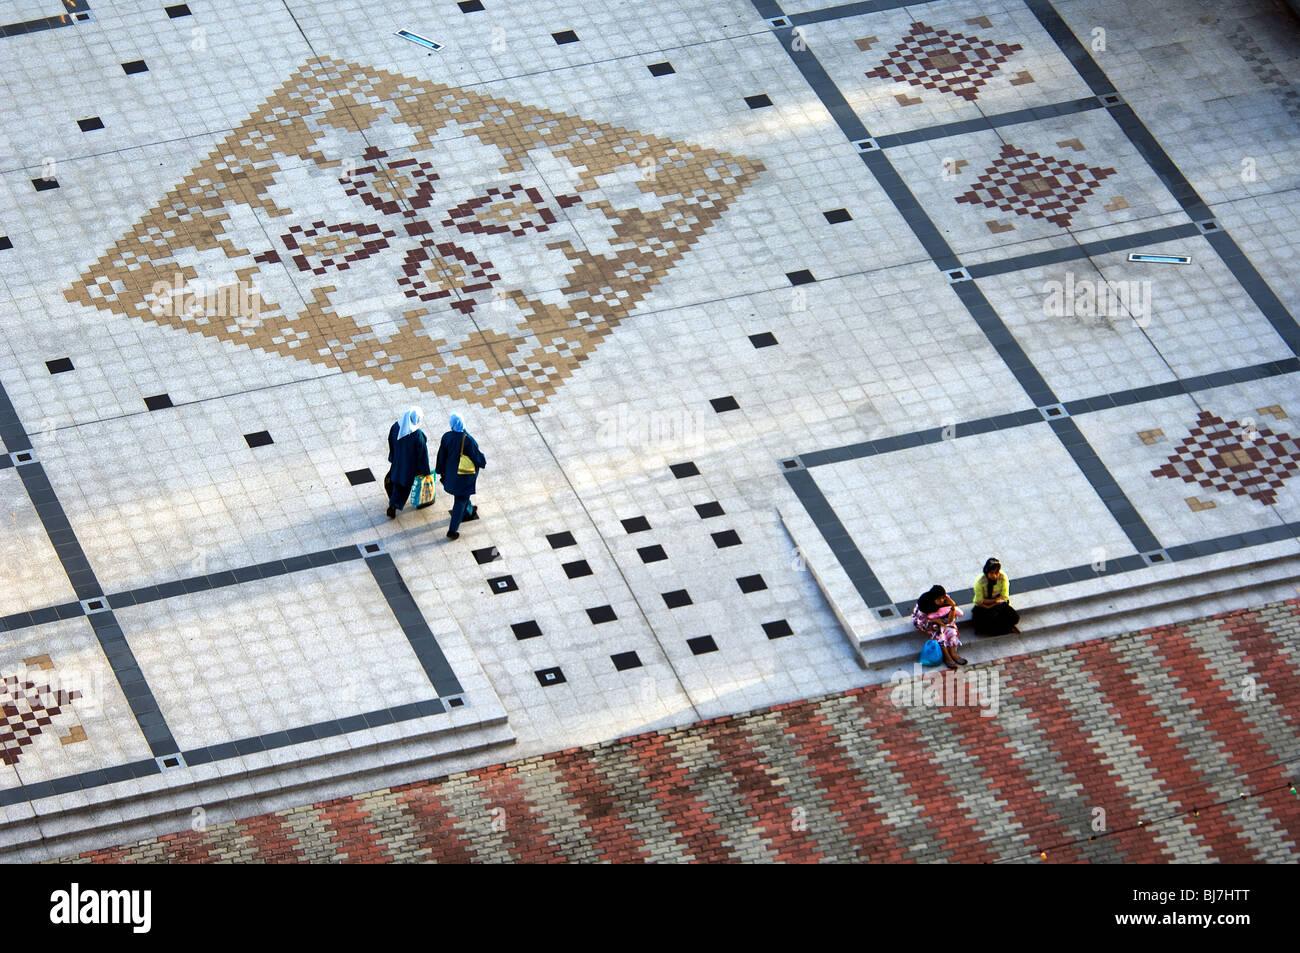 Promenade, Bandar Seri Begawan, Brunei Darussalam - Stock Image